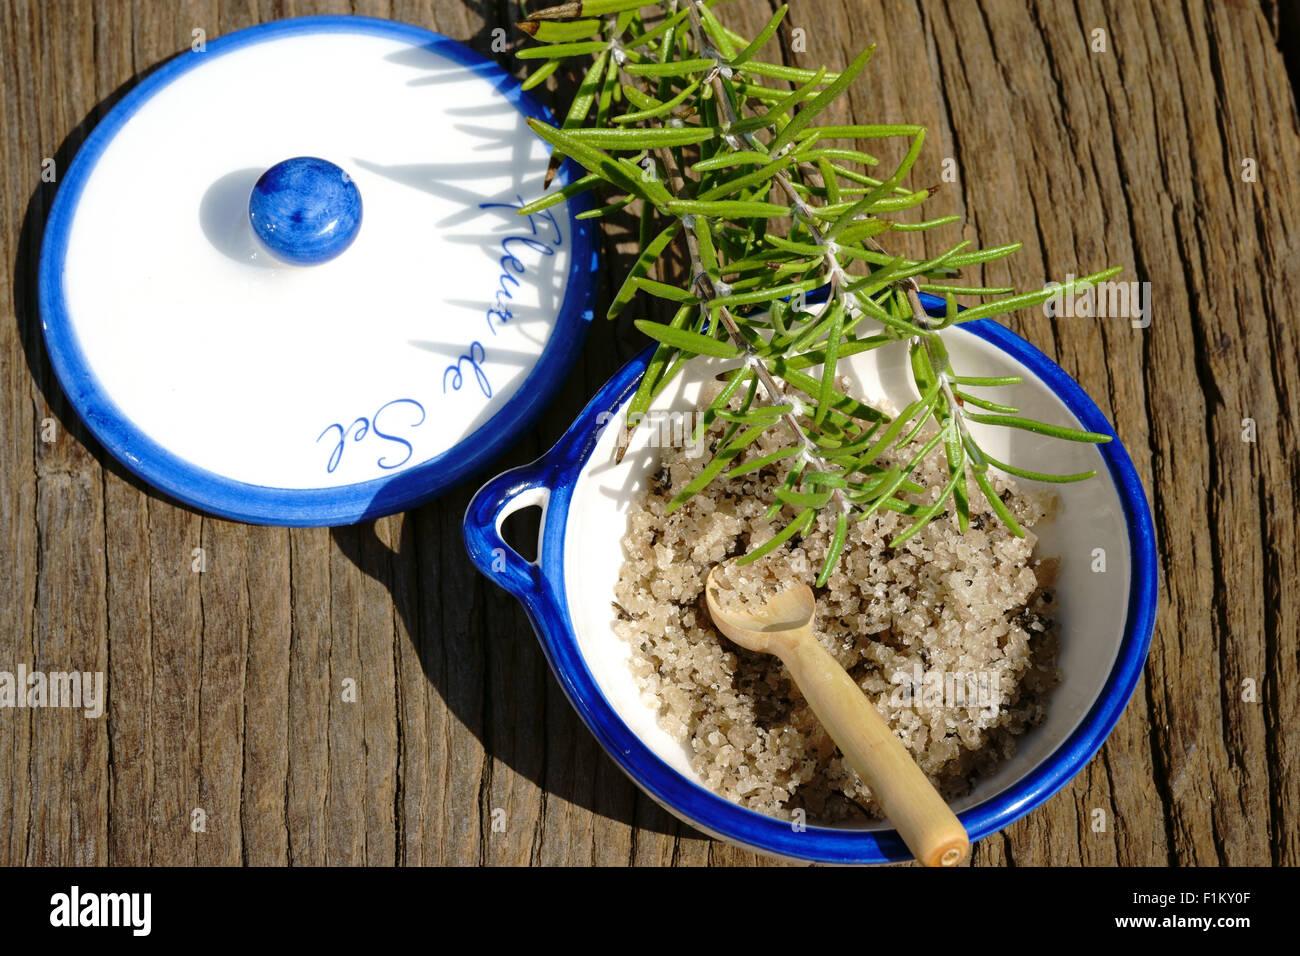 Petit plat en porcelaine de fleur de sel et une branche de romarin sur une table en bois rustique Photo Stock